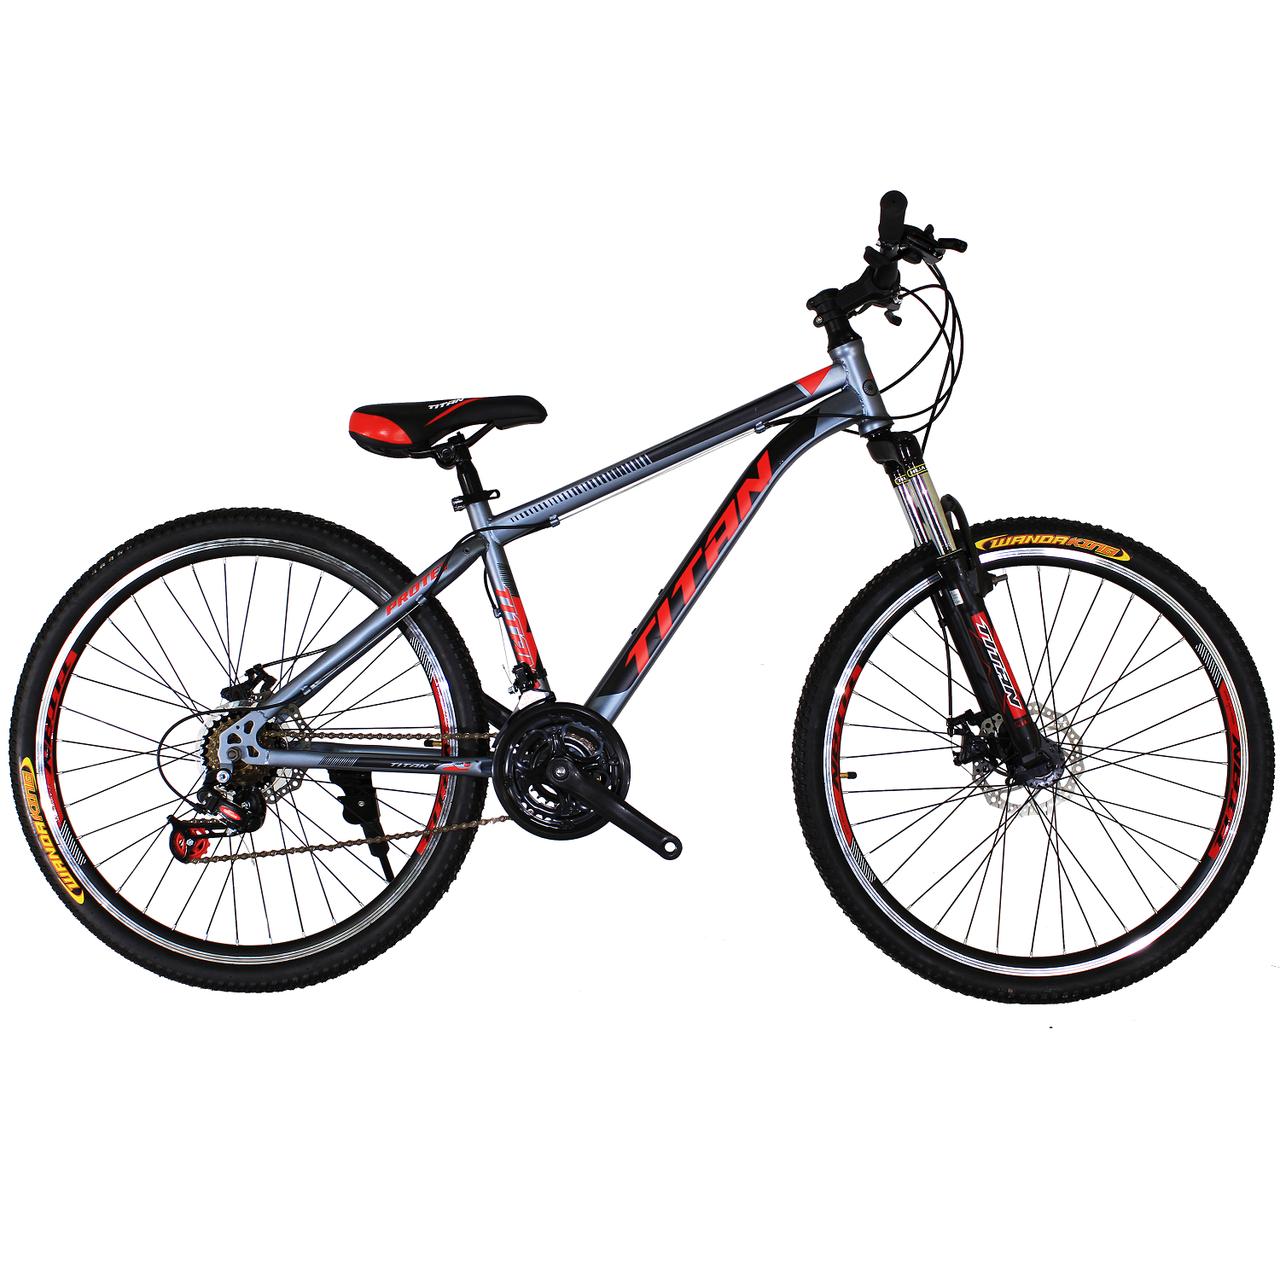 🚲Горный стальной дисковый велосипед TITAN PROTEY DD (Shimano, моноблок); рама 19; колеса 26